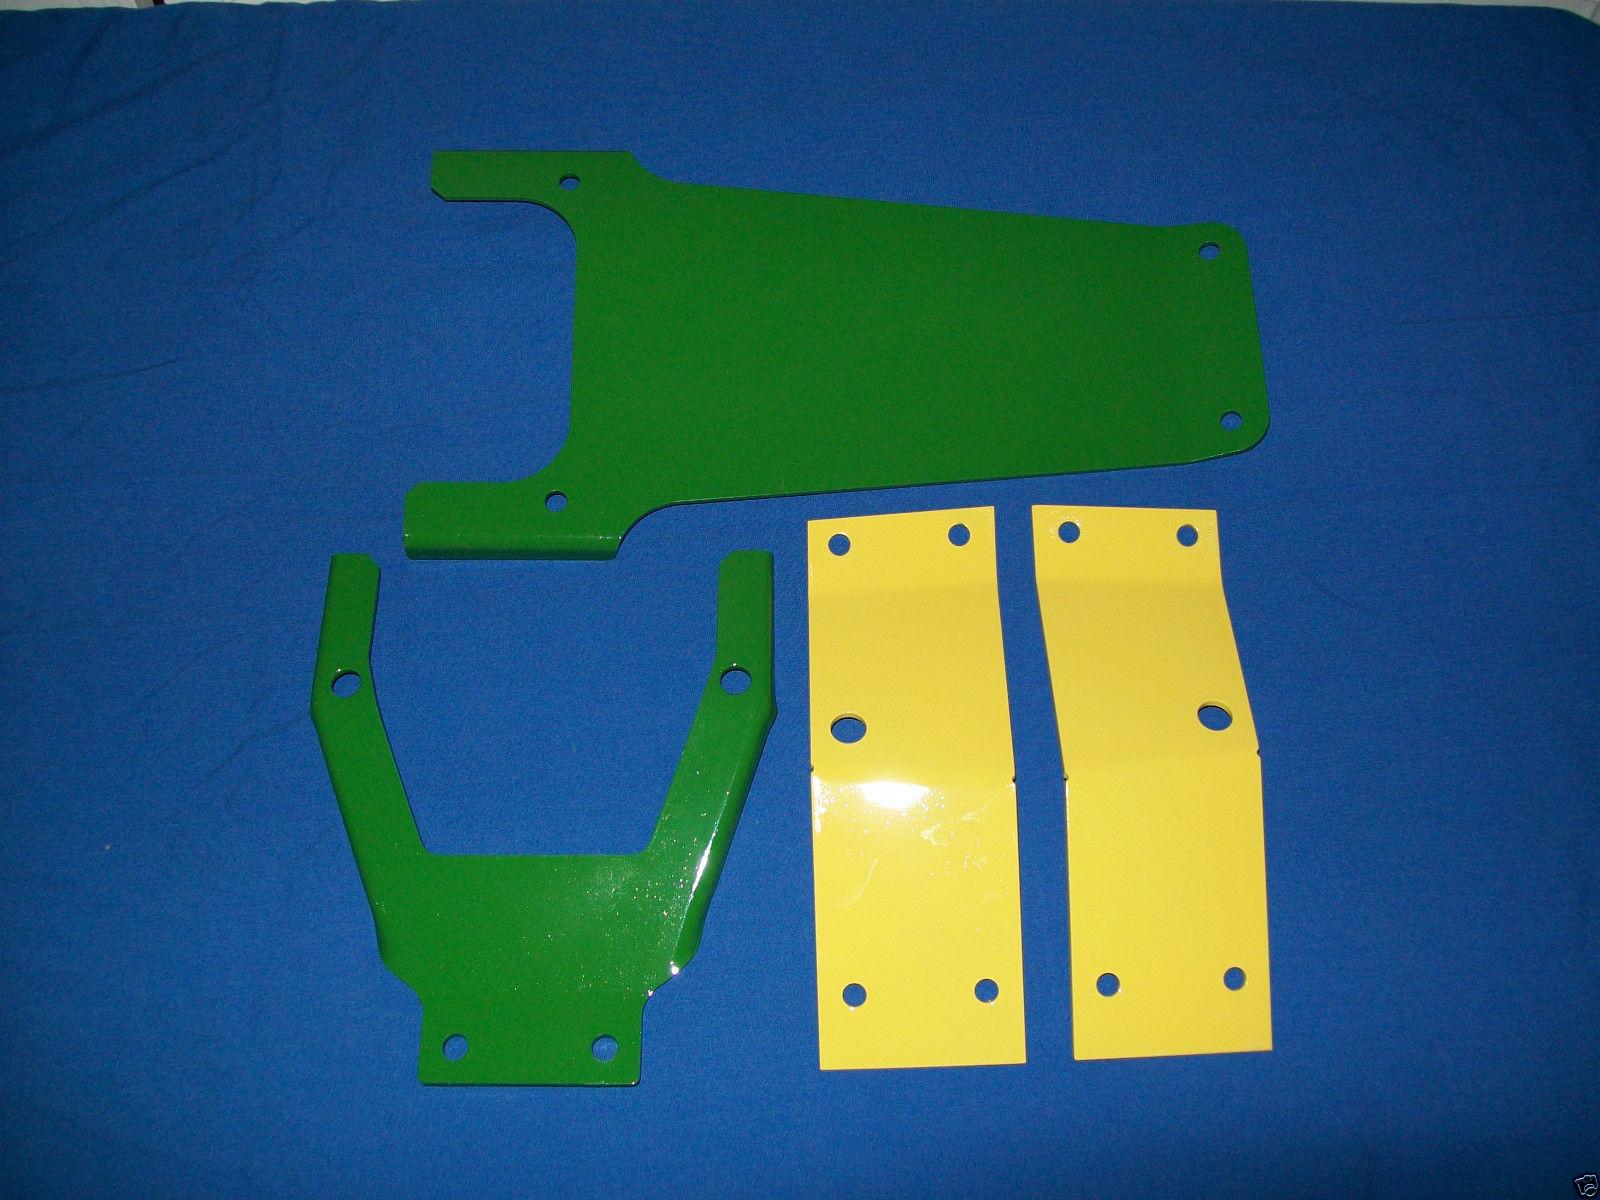 4-PIECE-BRACKETS-JOHN-DEERE-FARM-TRACTOR-SEAT-752046204320402030203010-AG-161120869403